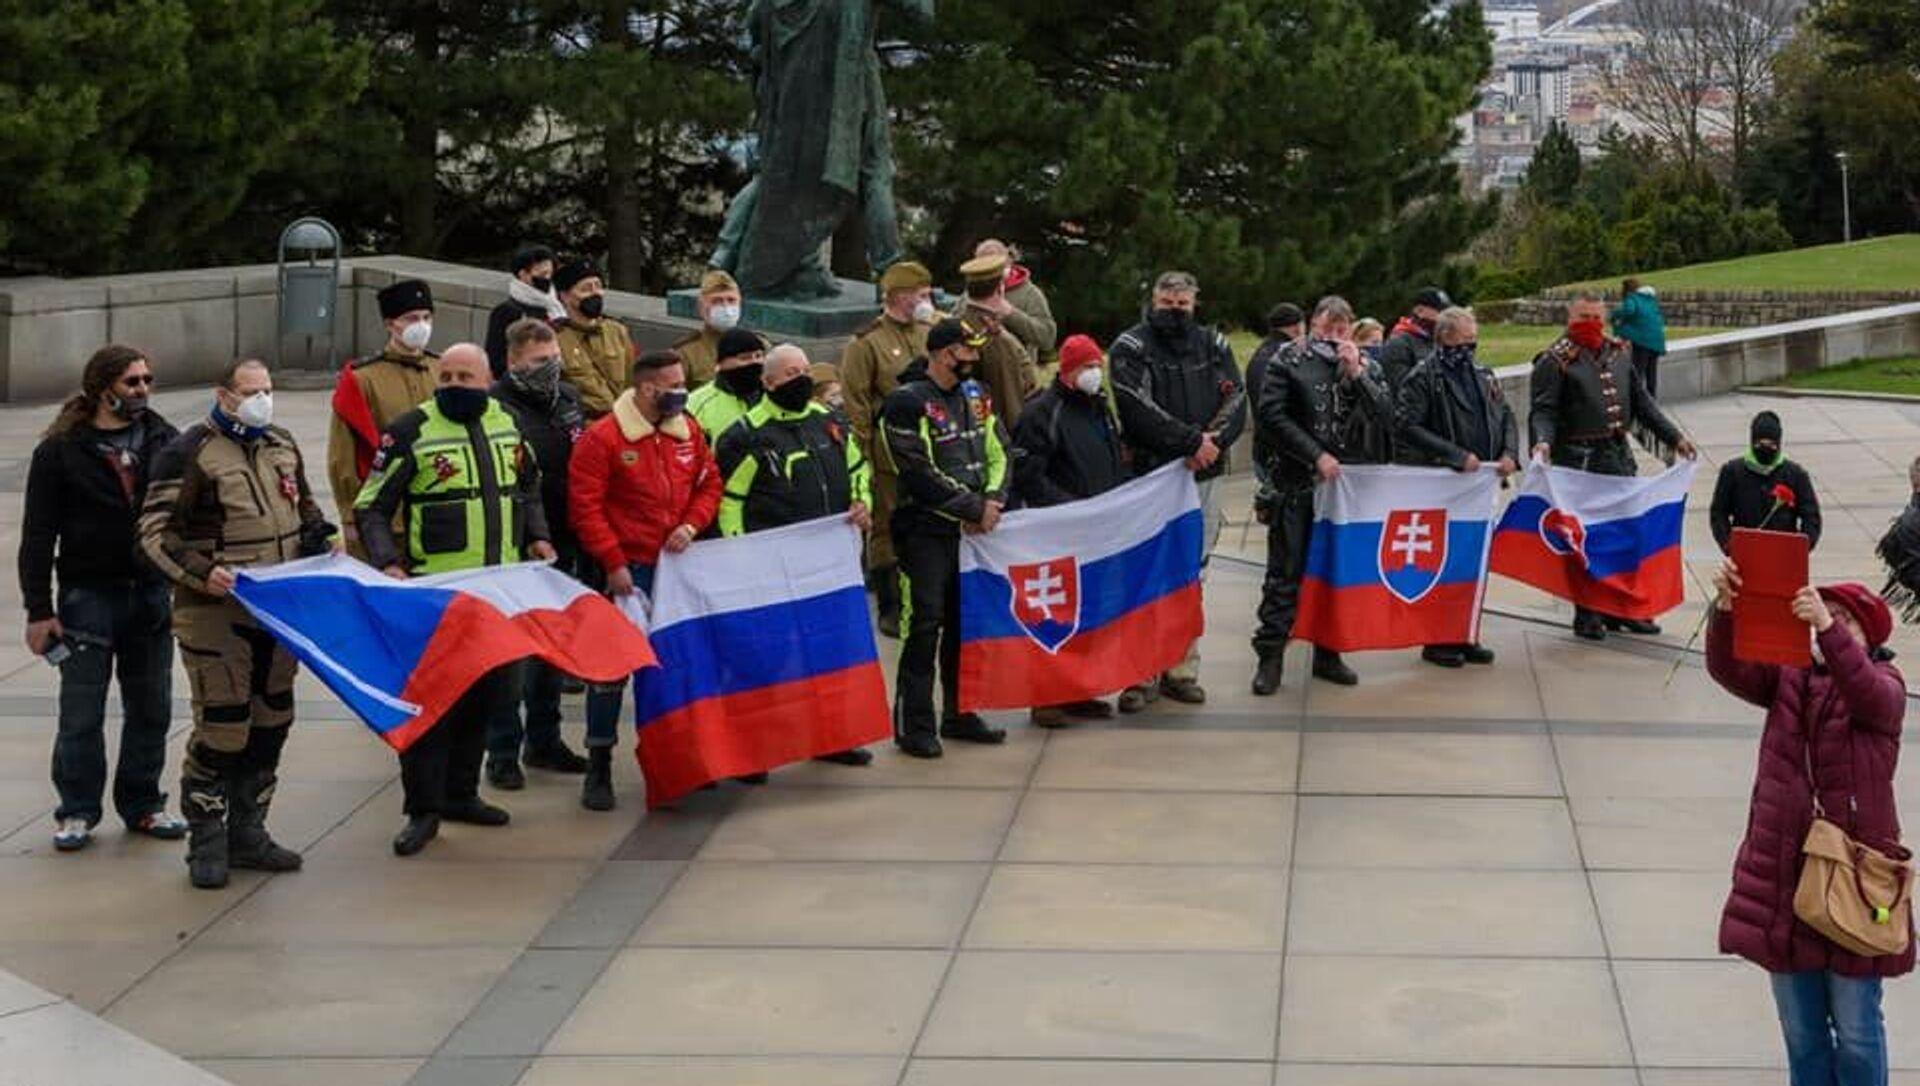 Politici i verejnosť si uctili pamiatku na padlých osloboditeľov Bratislavy na Slavíne - Sputnik Česká republika, 1920, 20.04.2021